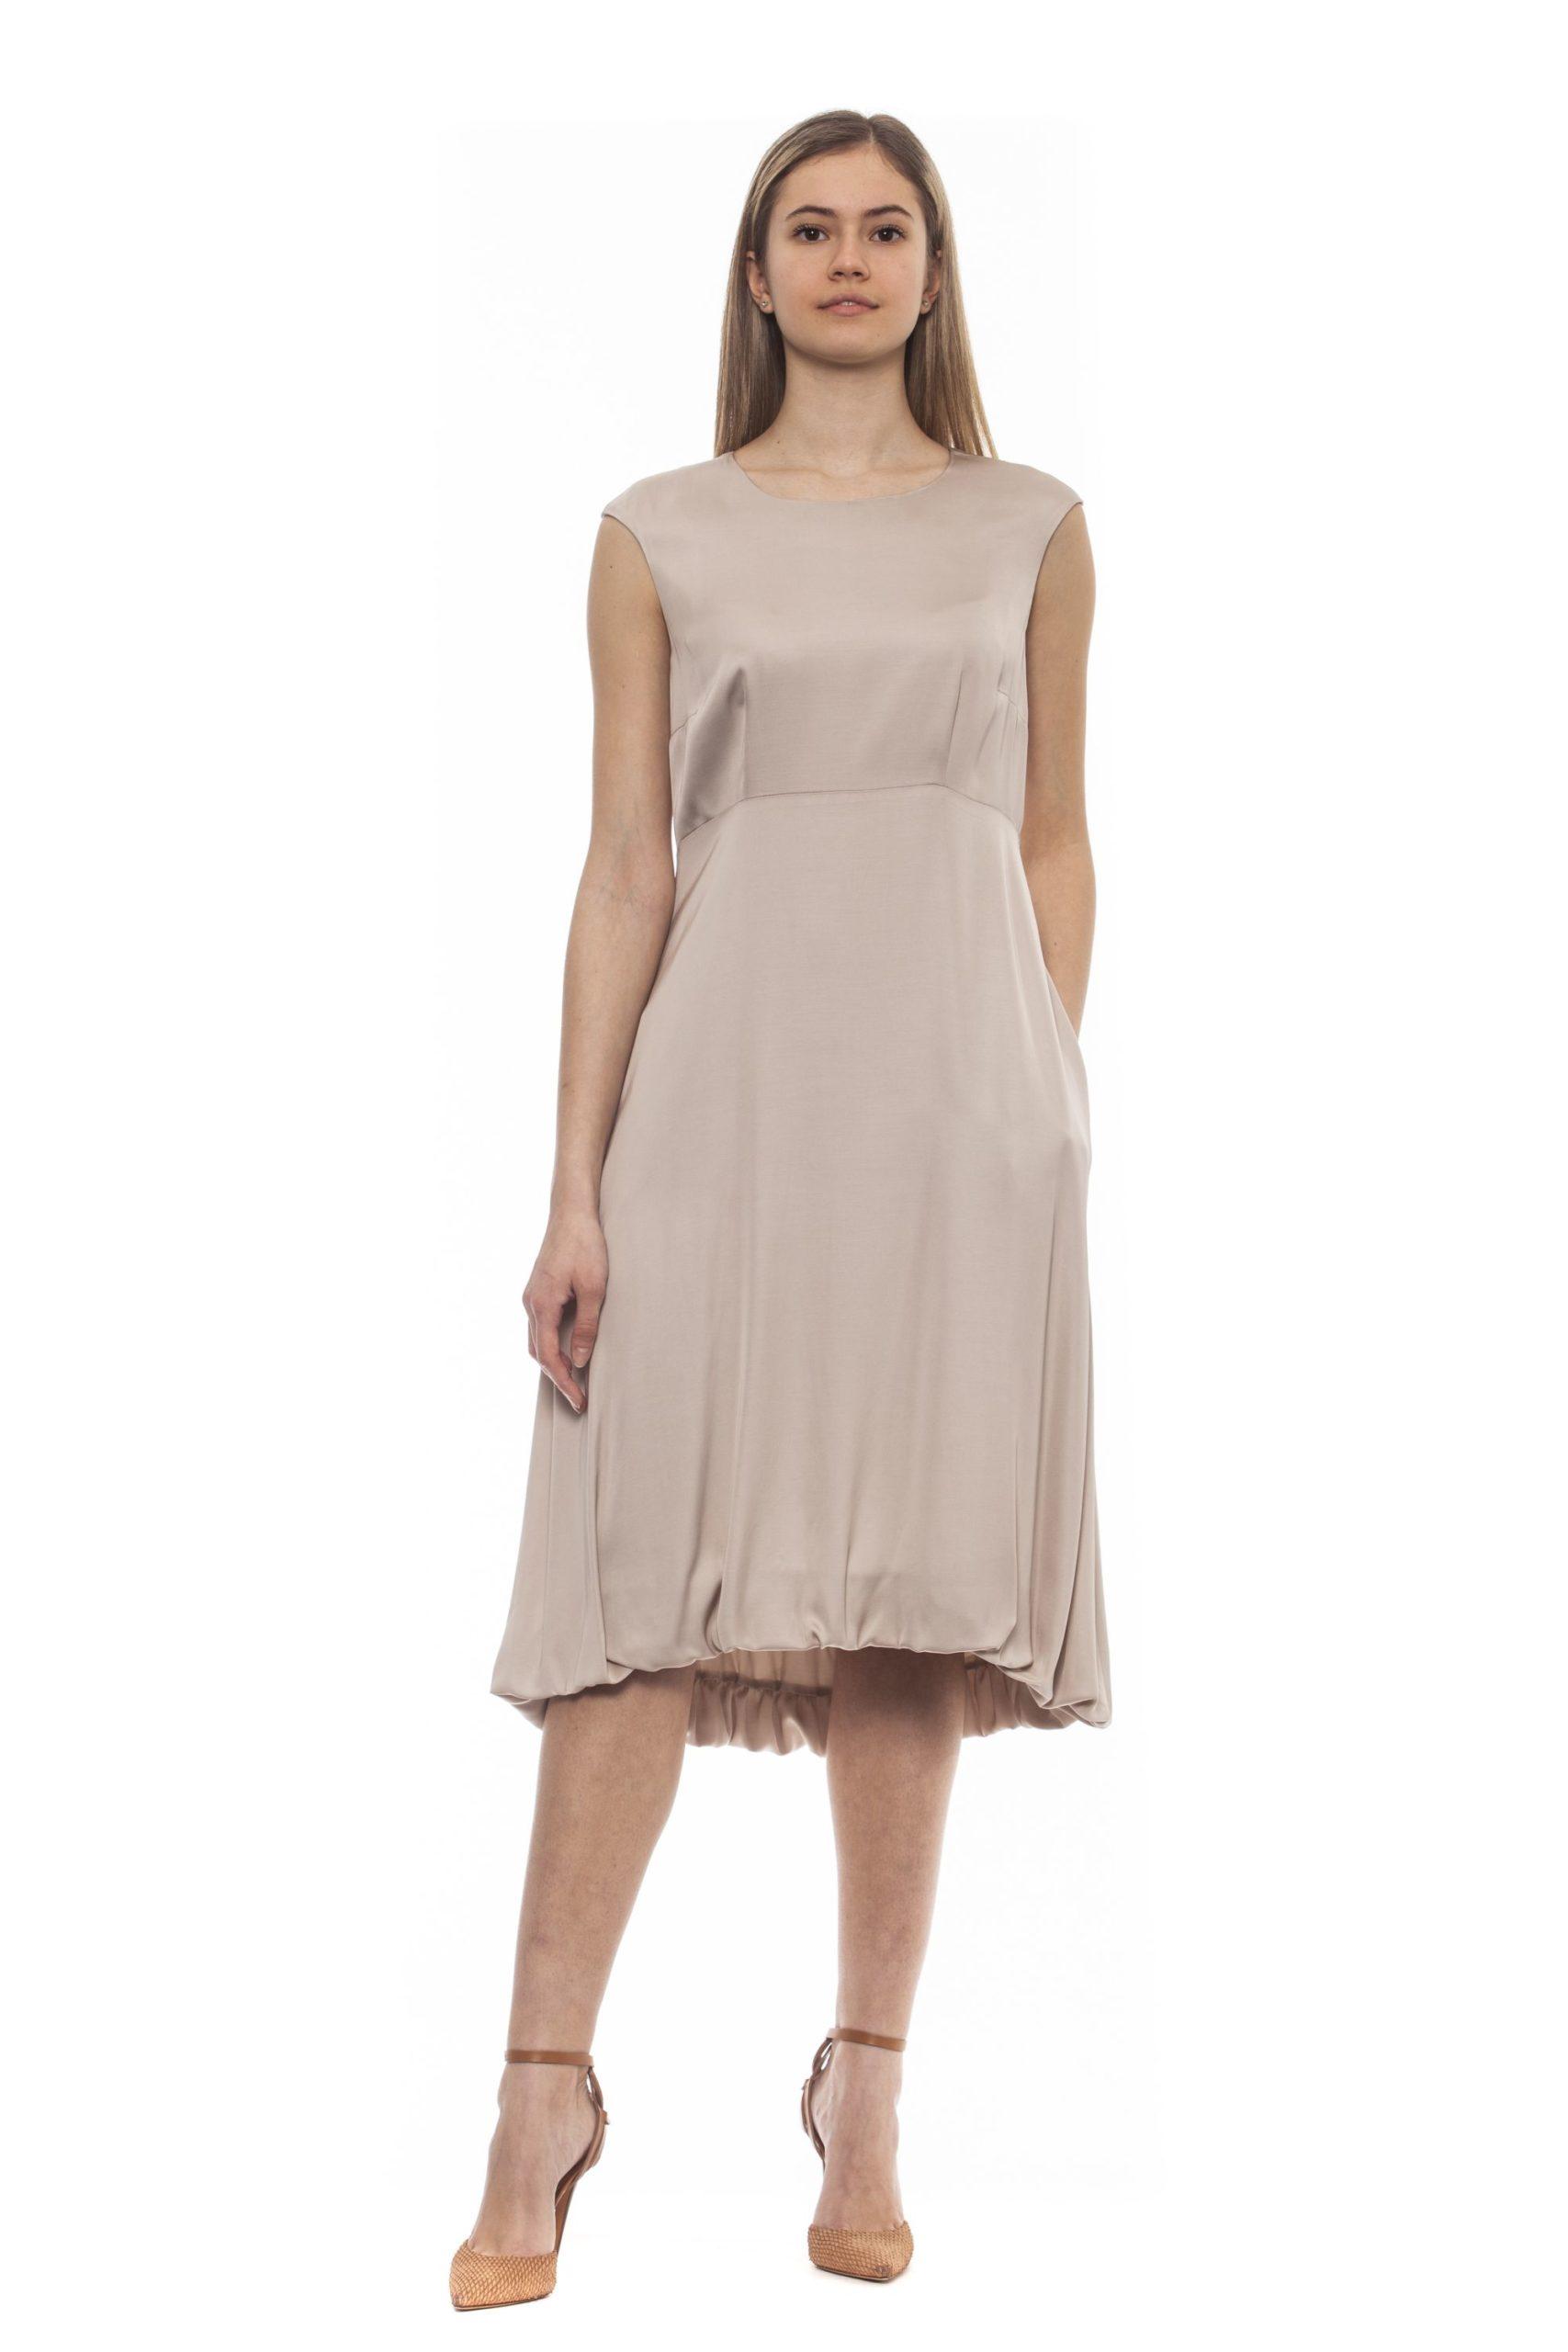 Peserico Women's Bianco Dress Beige PE1383230 - IT42 | S